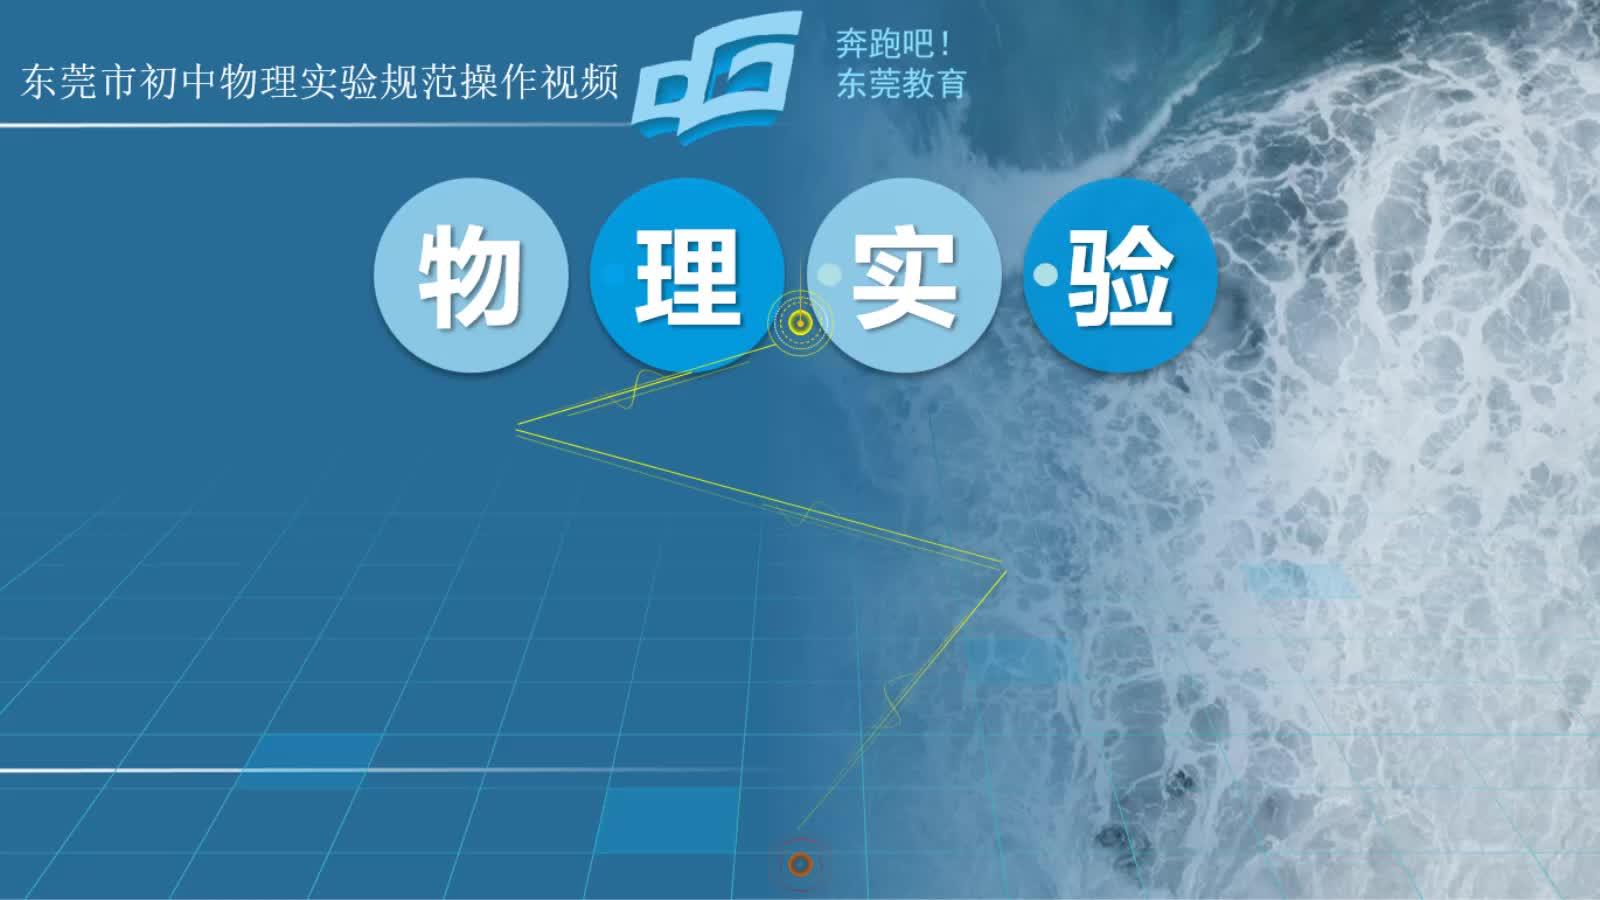 实验15:探究导体在磁场中运动时产生感应电流的条件 2021年广东省东莞市中考物理实验规范操作视频